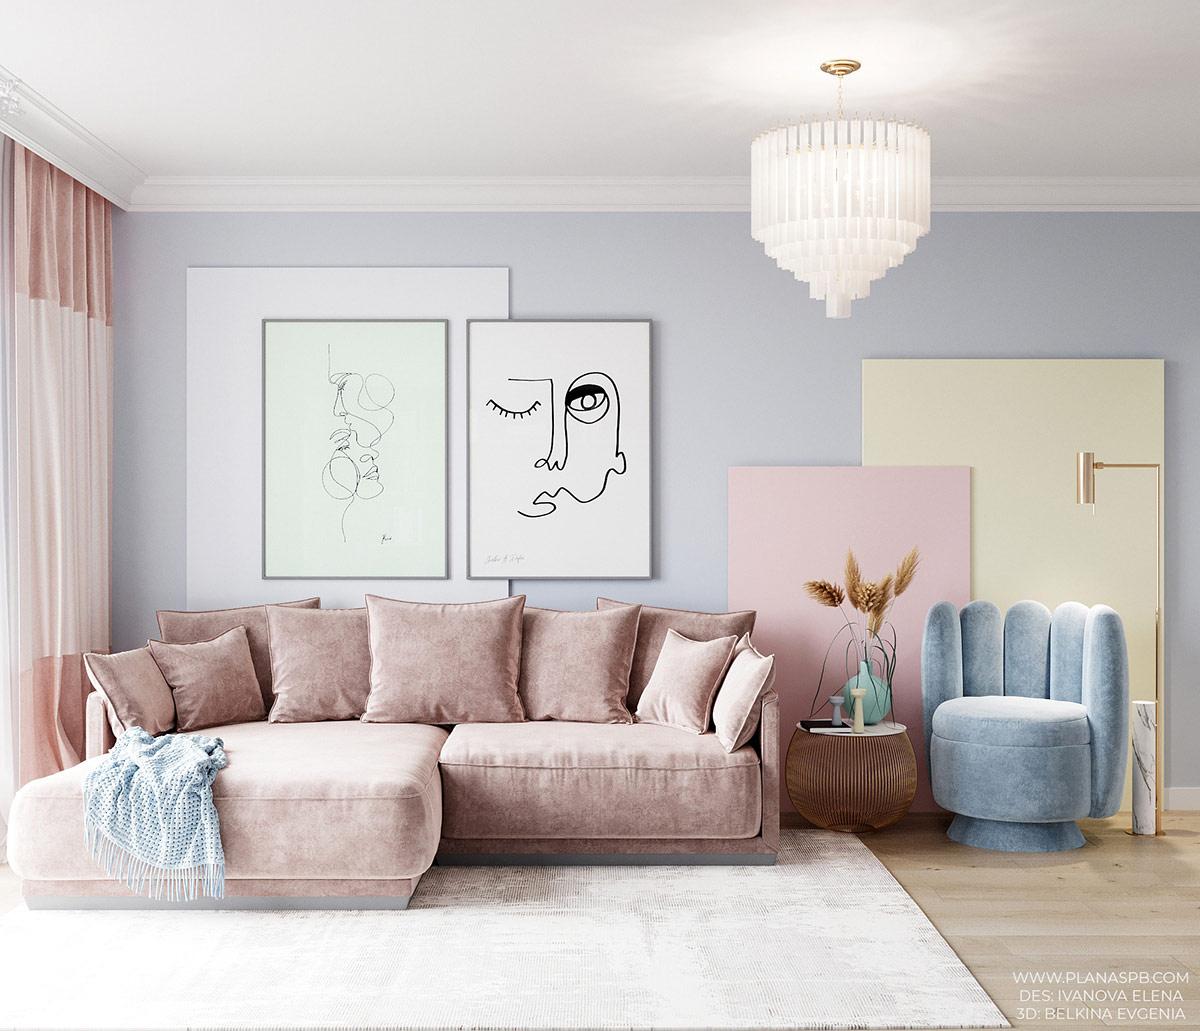 Top 5 màu sơn đẹp cho phòng khách theo xu hướng hiện đại năm 2021